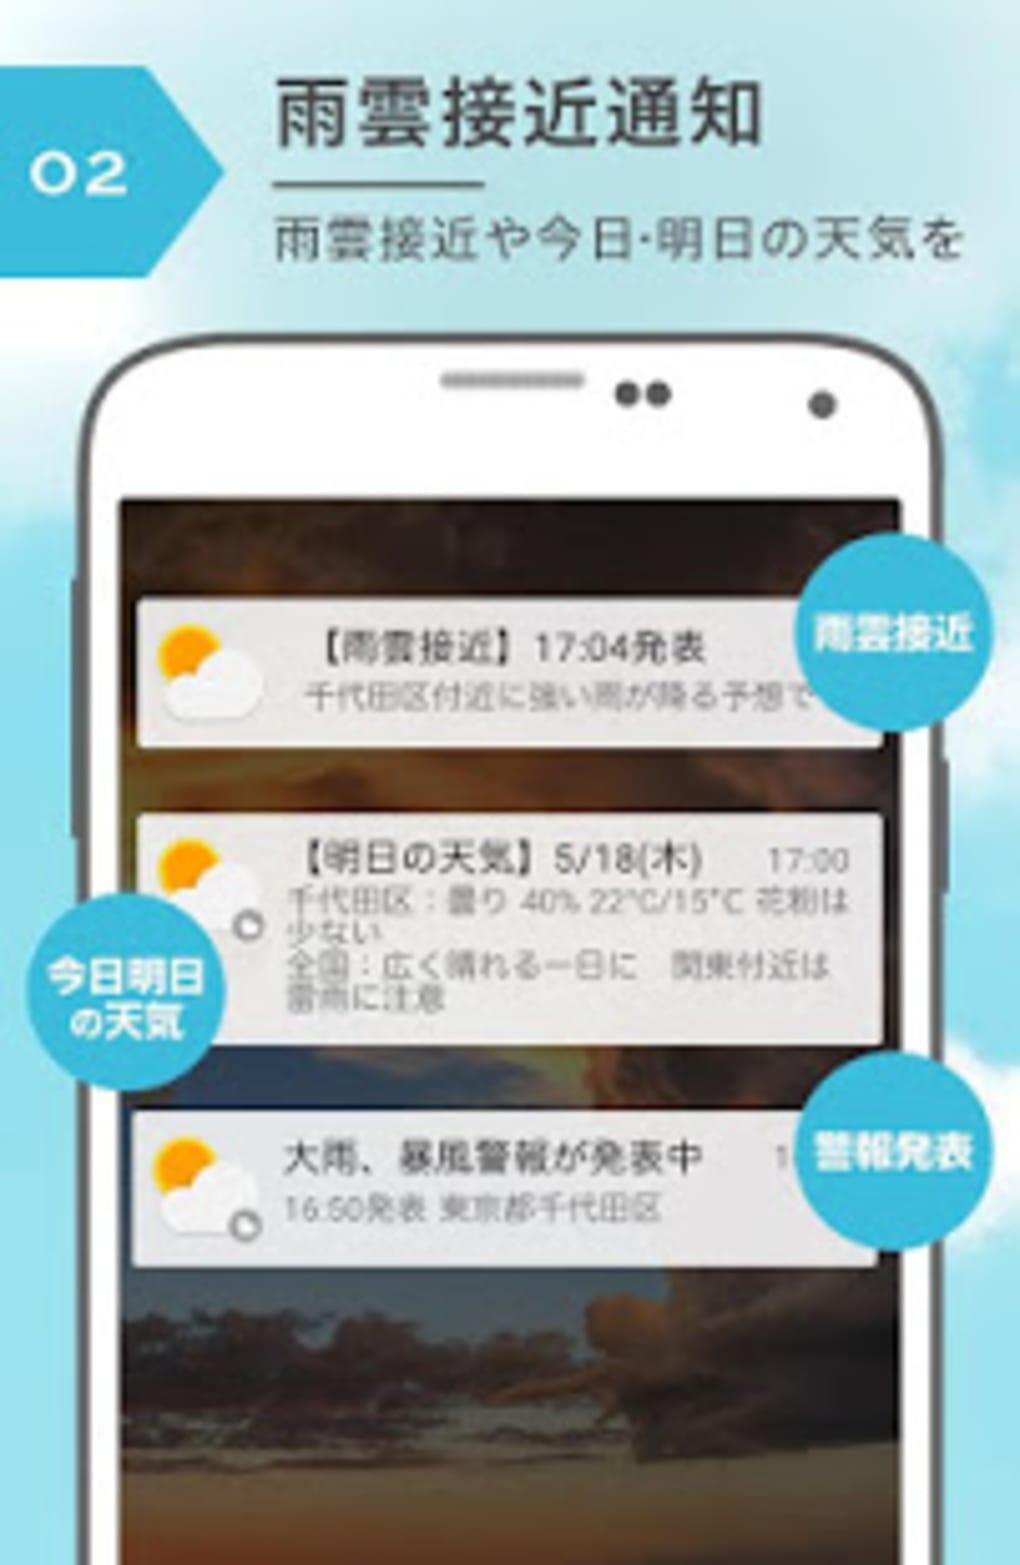 天気 ウィジェット ヤフー 【解決】Yahoo!天気でウィジェットが使えない/追加できない場合の対処設定方法